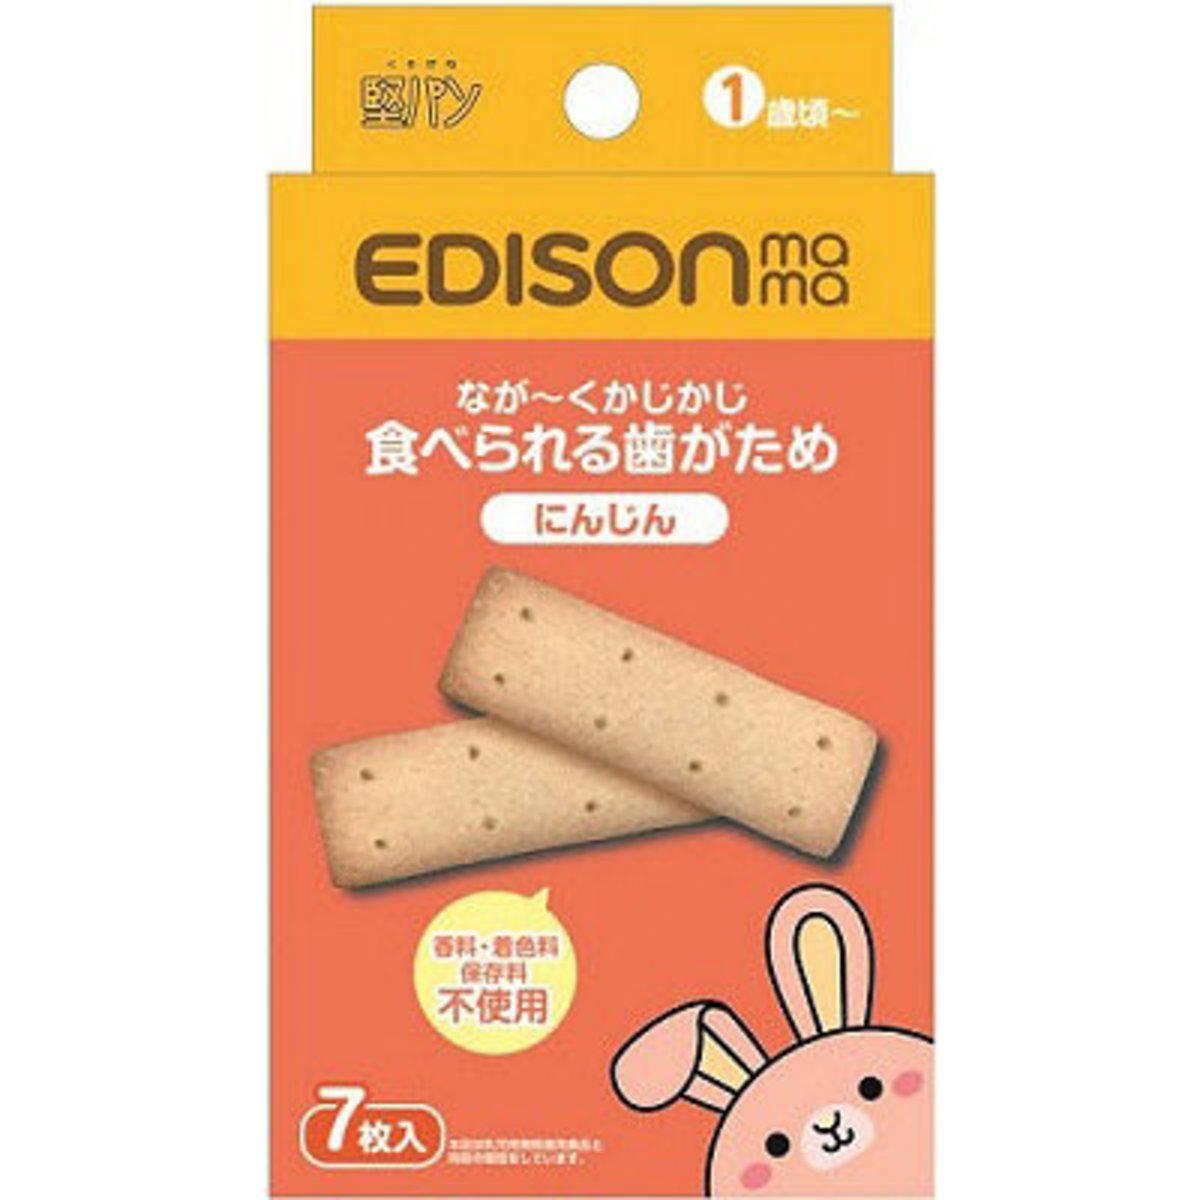 磨牙餅 (紅蘿蔔)  (平行進口貨品)